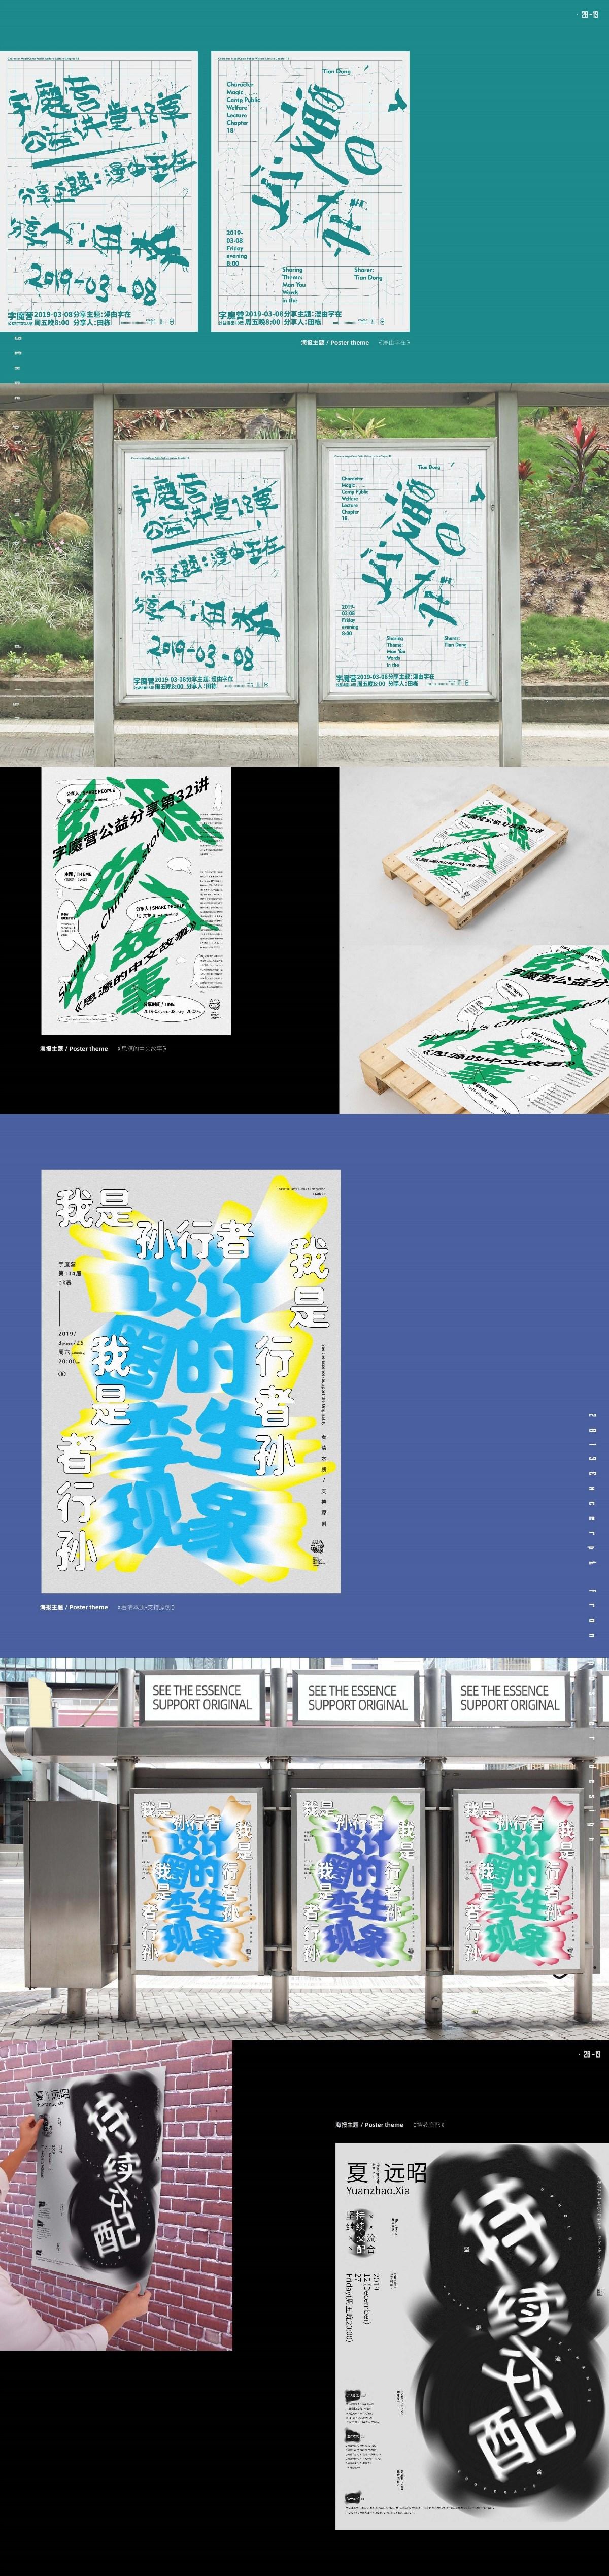 【2019海报设计集合】